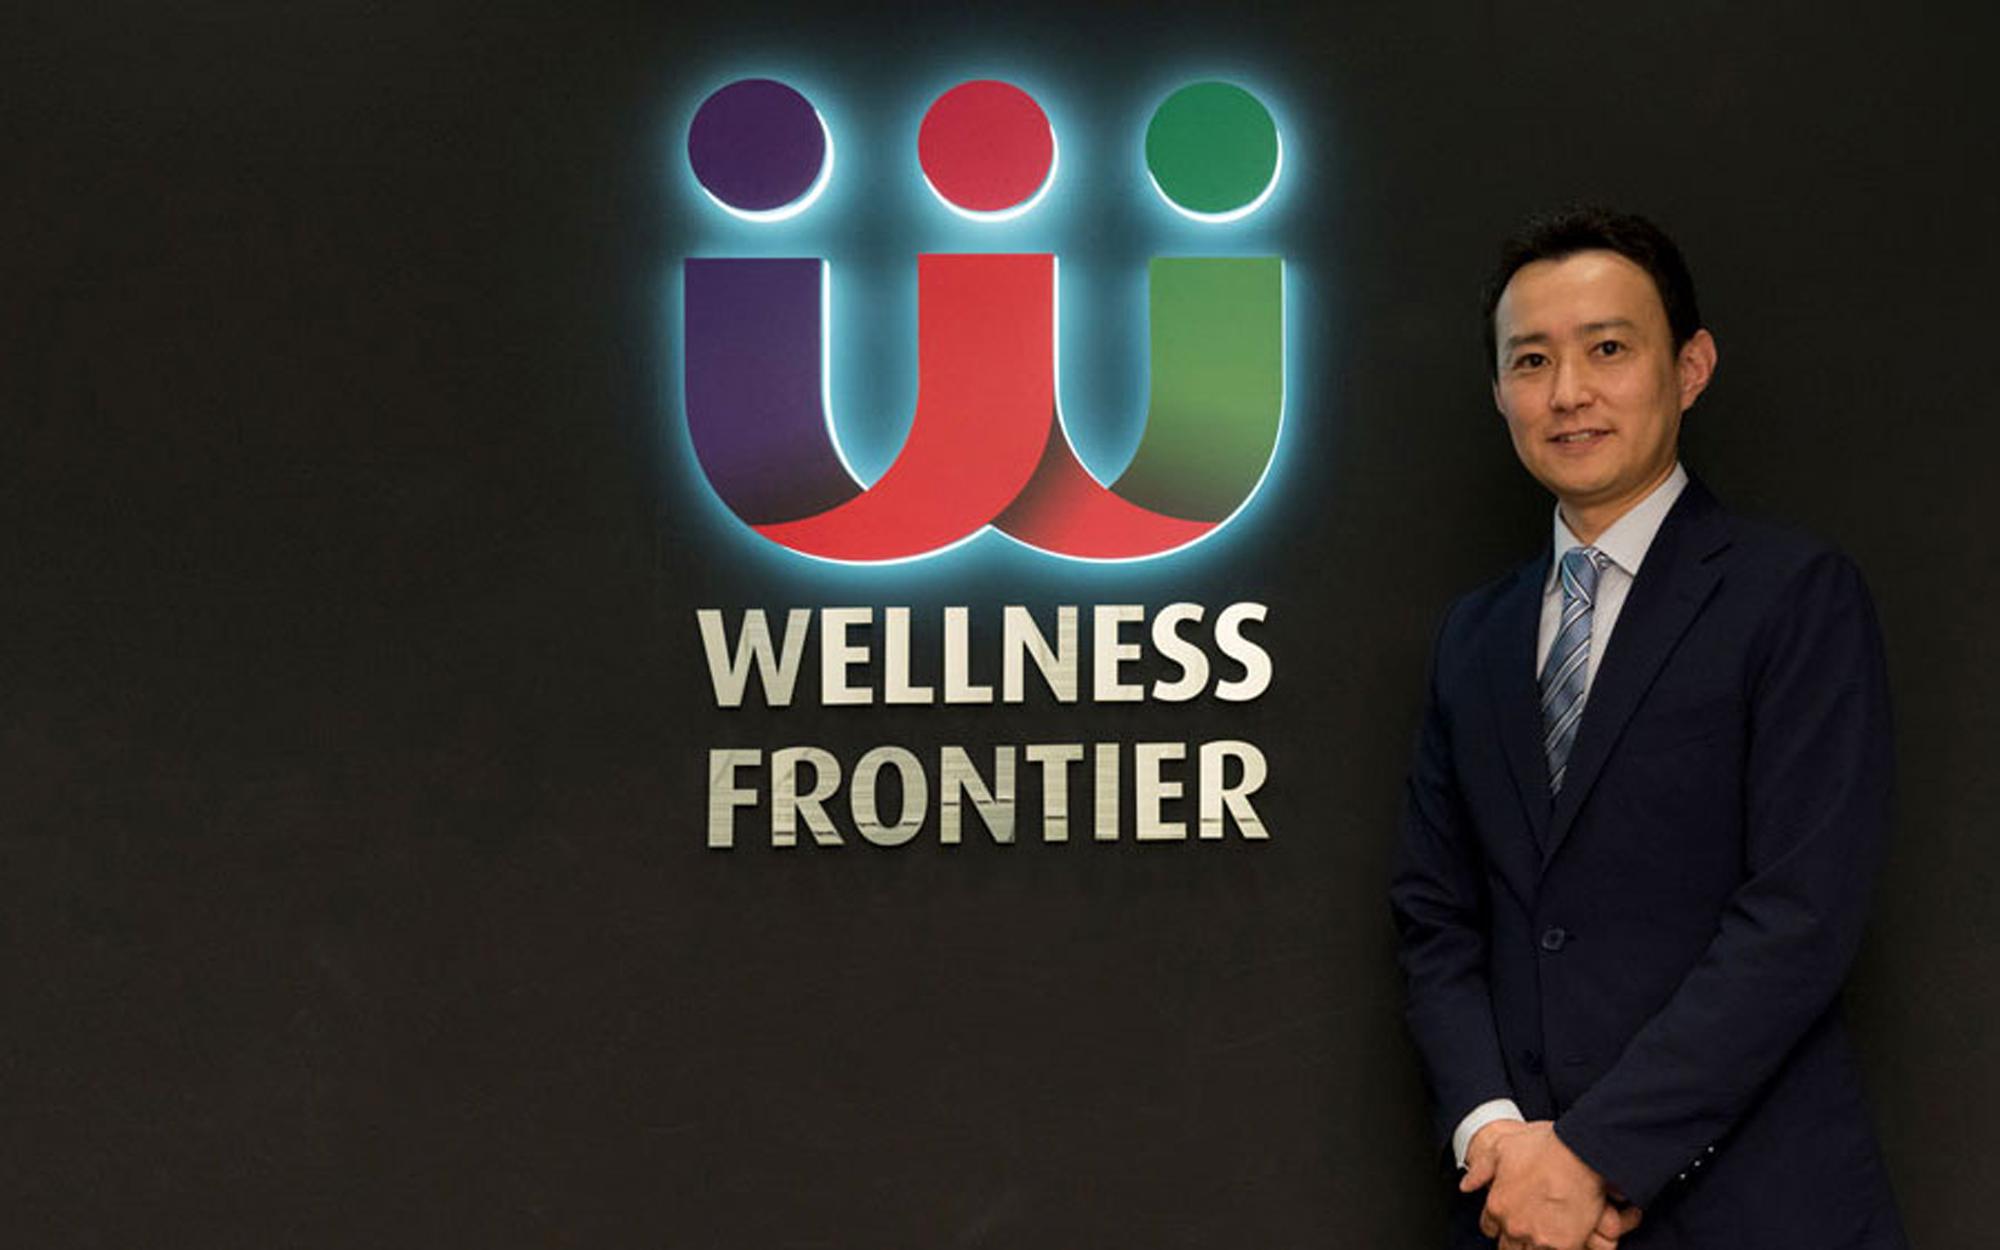 岡本将-ウェルネスフロンティア-syou_okamoto-wellnessfrontier